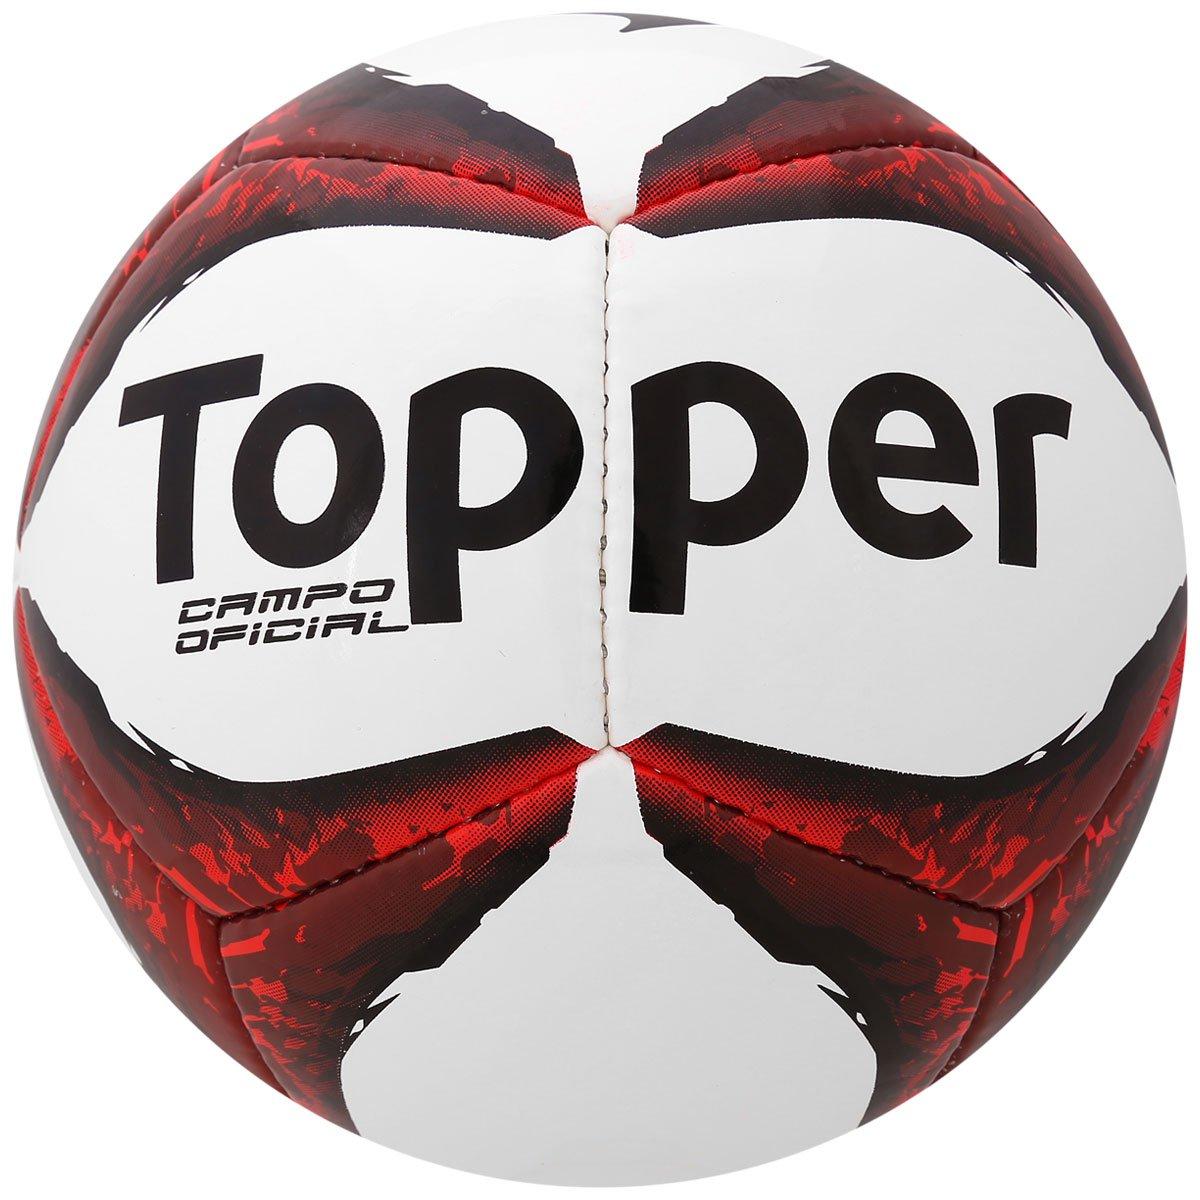 2f3b49da718d3 Bola Topper Ultra 8 Campo - Compre Agora